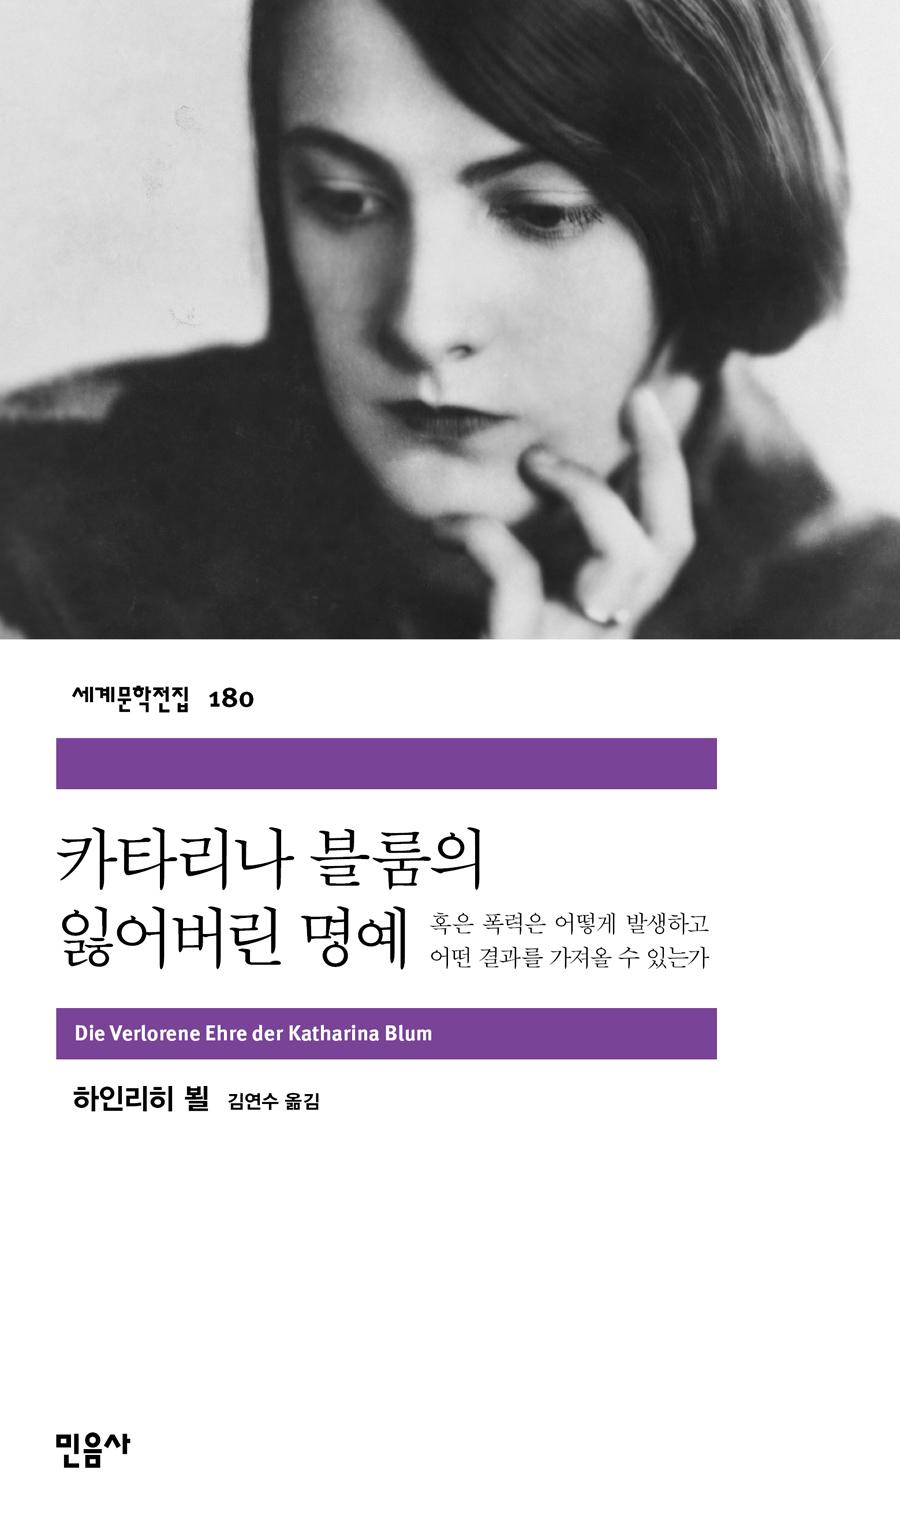 [고전읽기-053] 카타리나 블룸의 잃어버린 명예 (하인리히 뵐) 민음사 세계문학 180